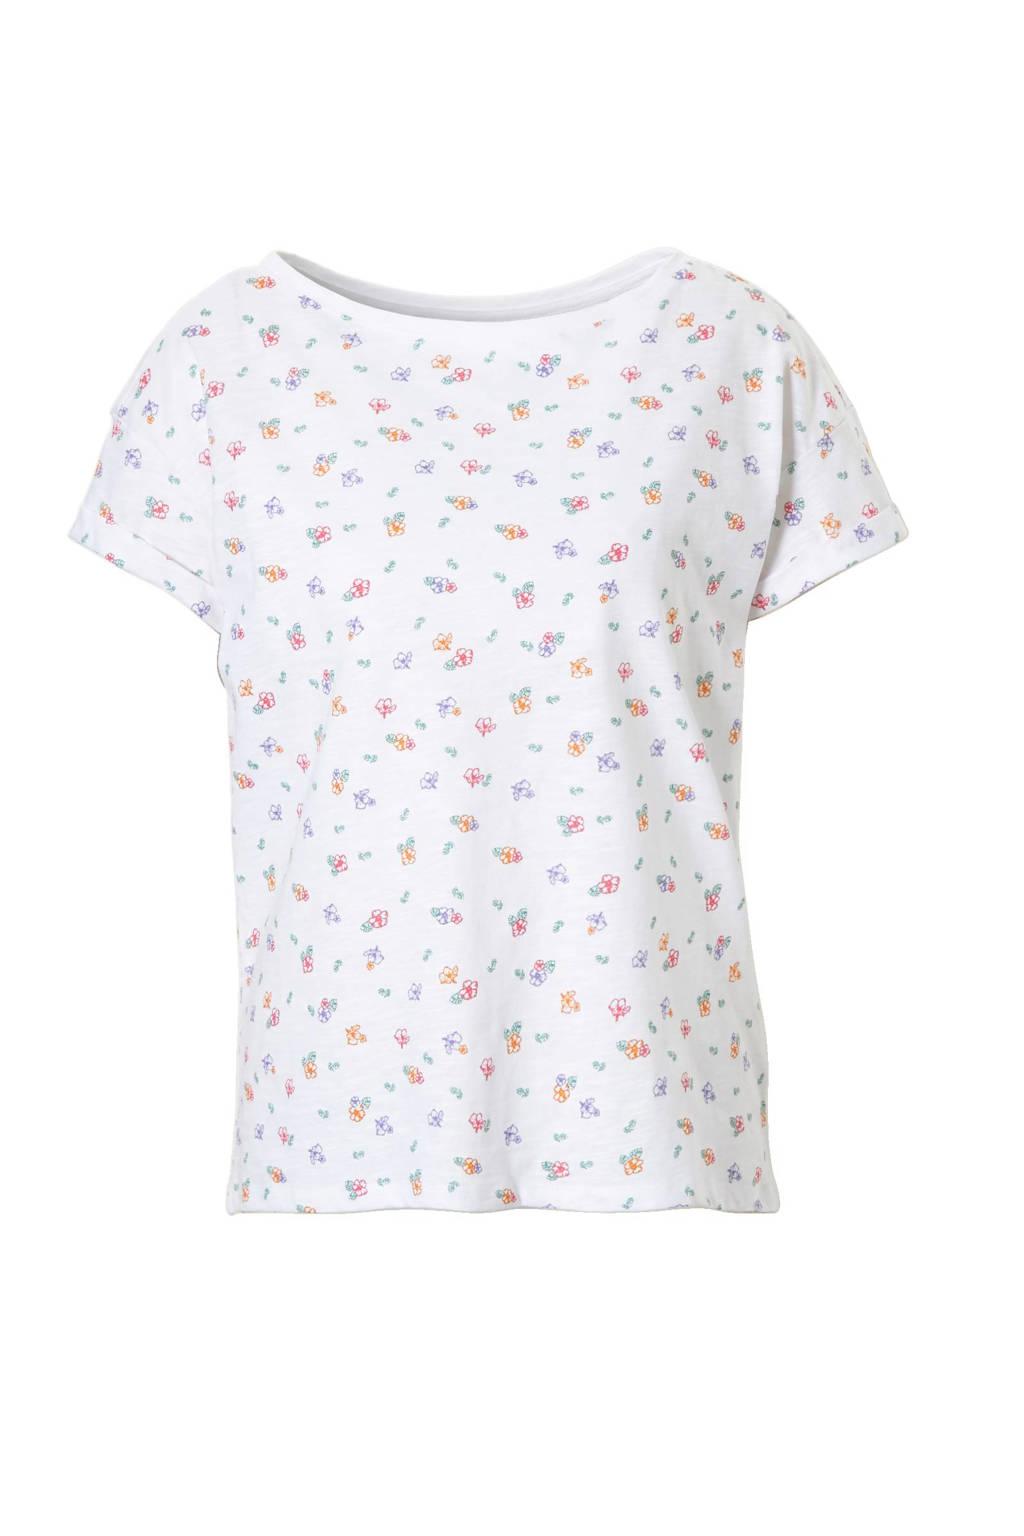 edc Women T-shirt met all over print, Wit/roze/groen/paars